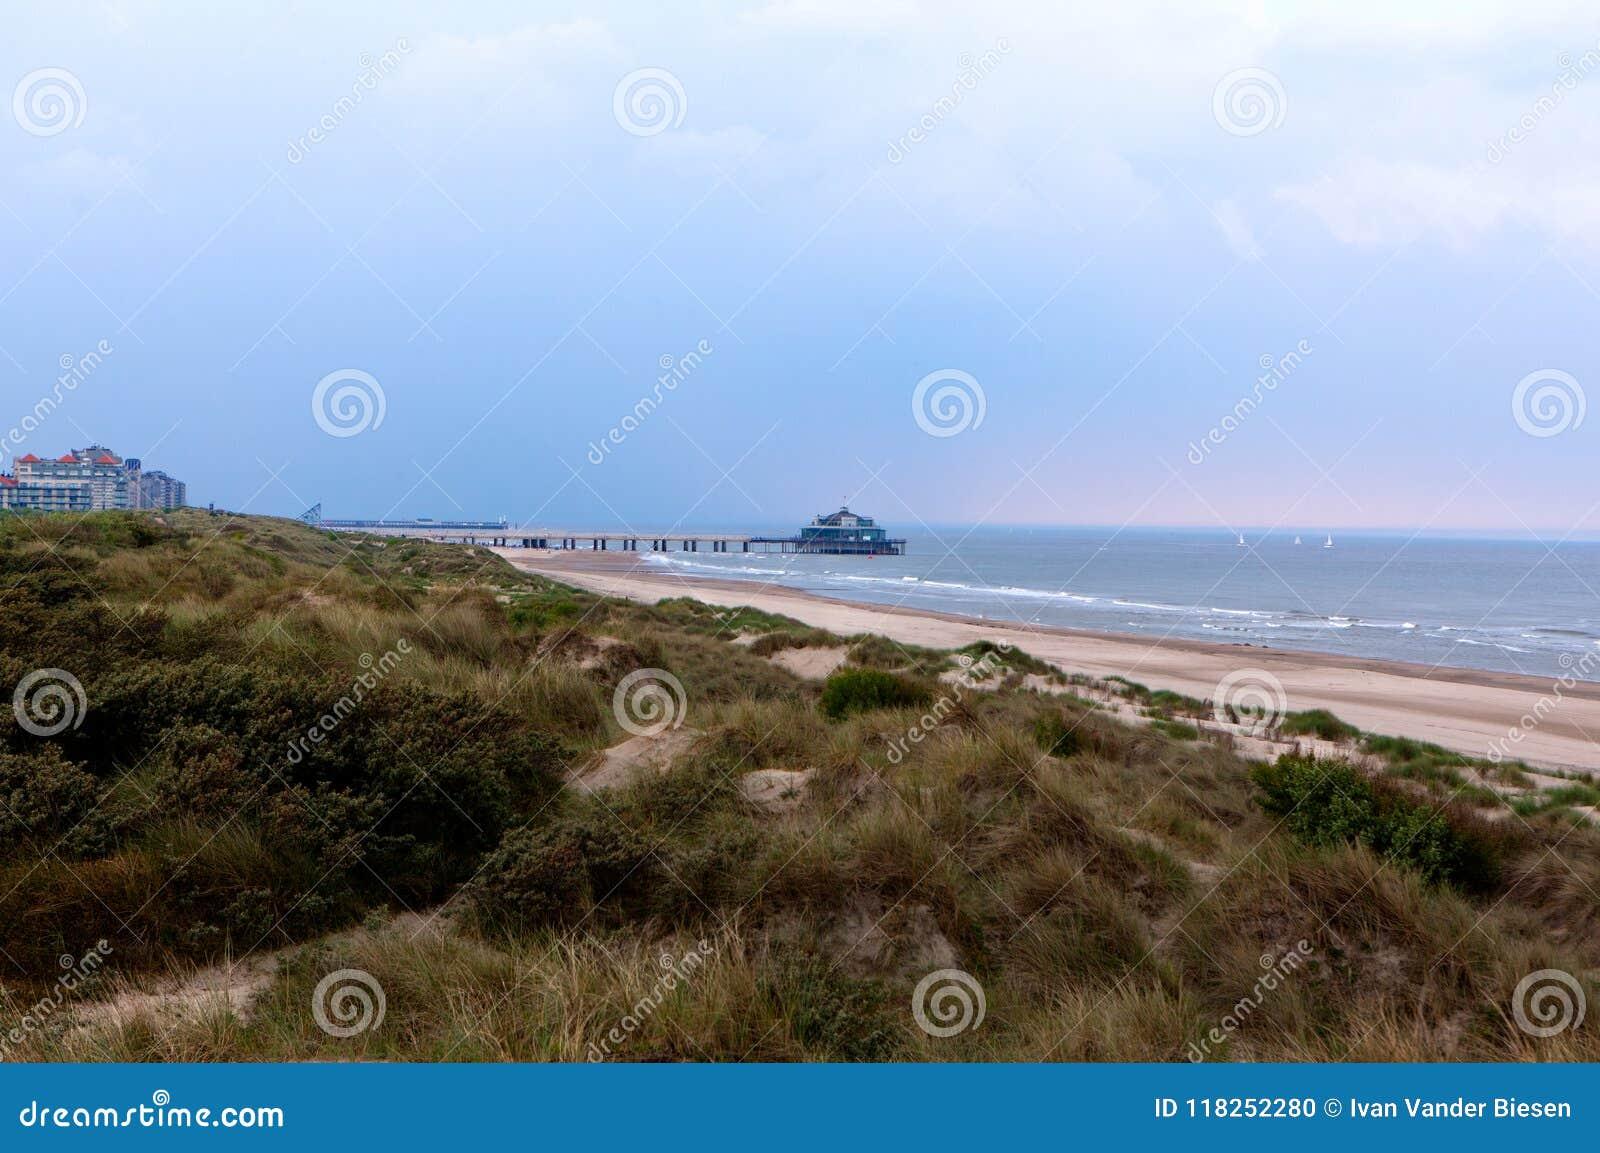 De Noordzee Blankenberge, Vlaanderen, België van pijlerduinen